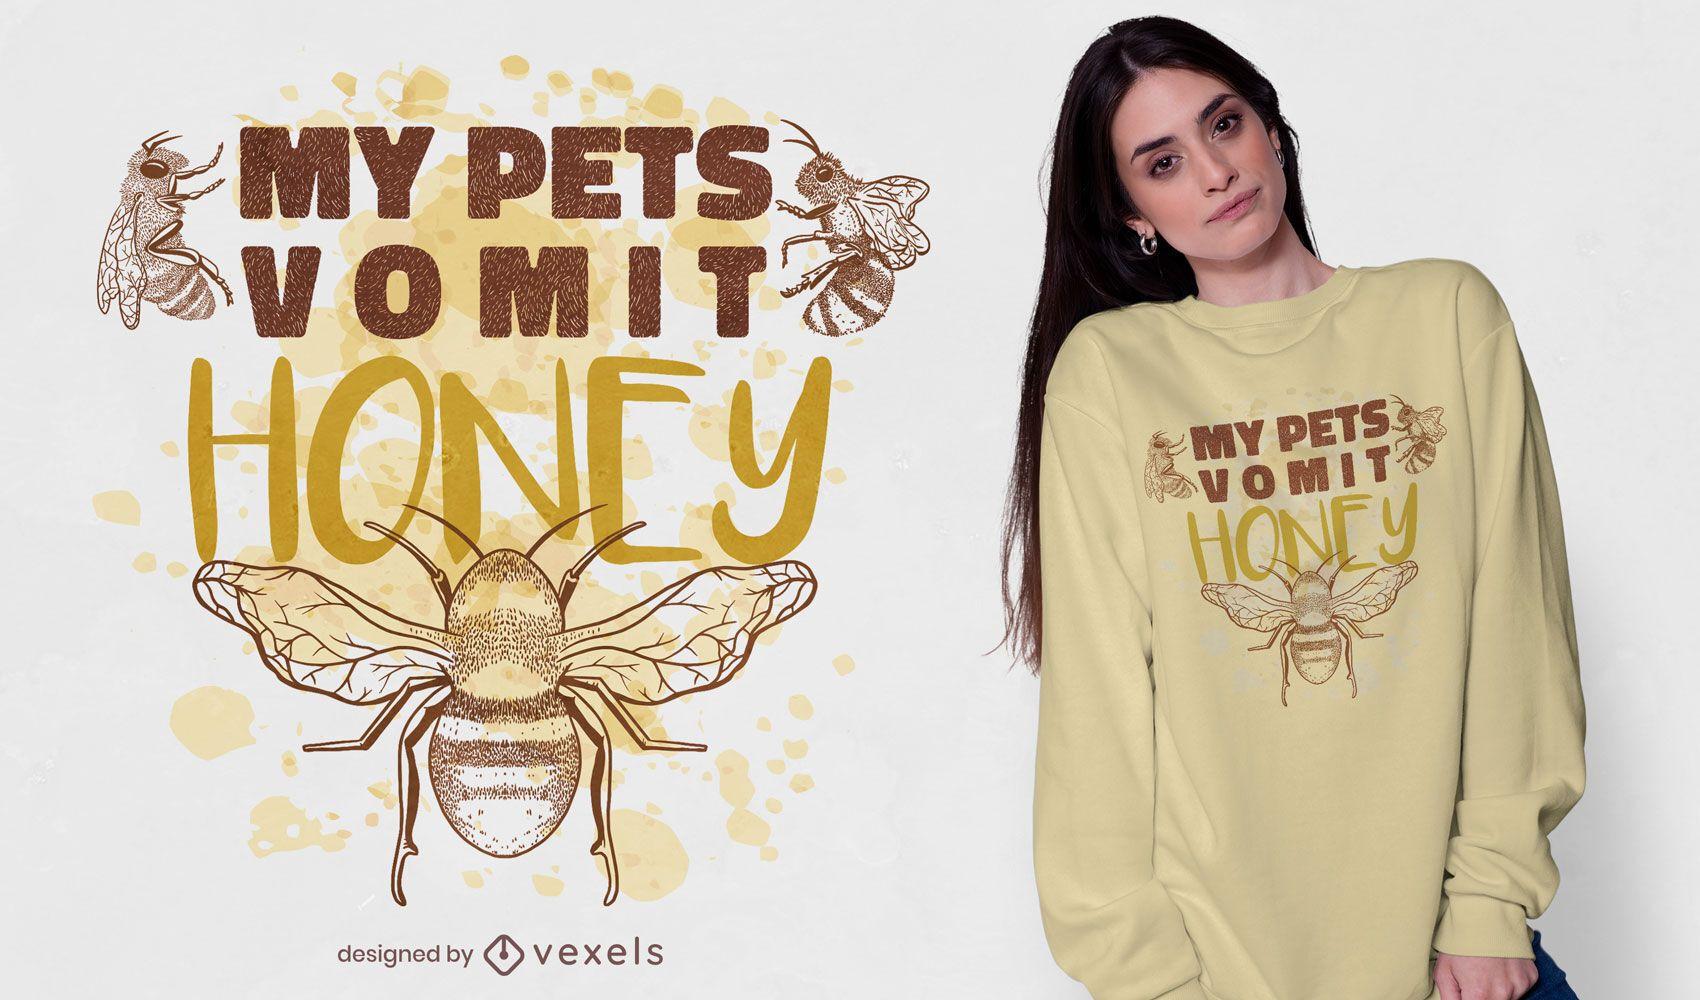 Bee pet honey quote t-shirt design